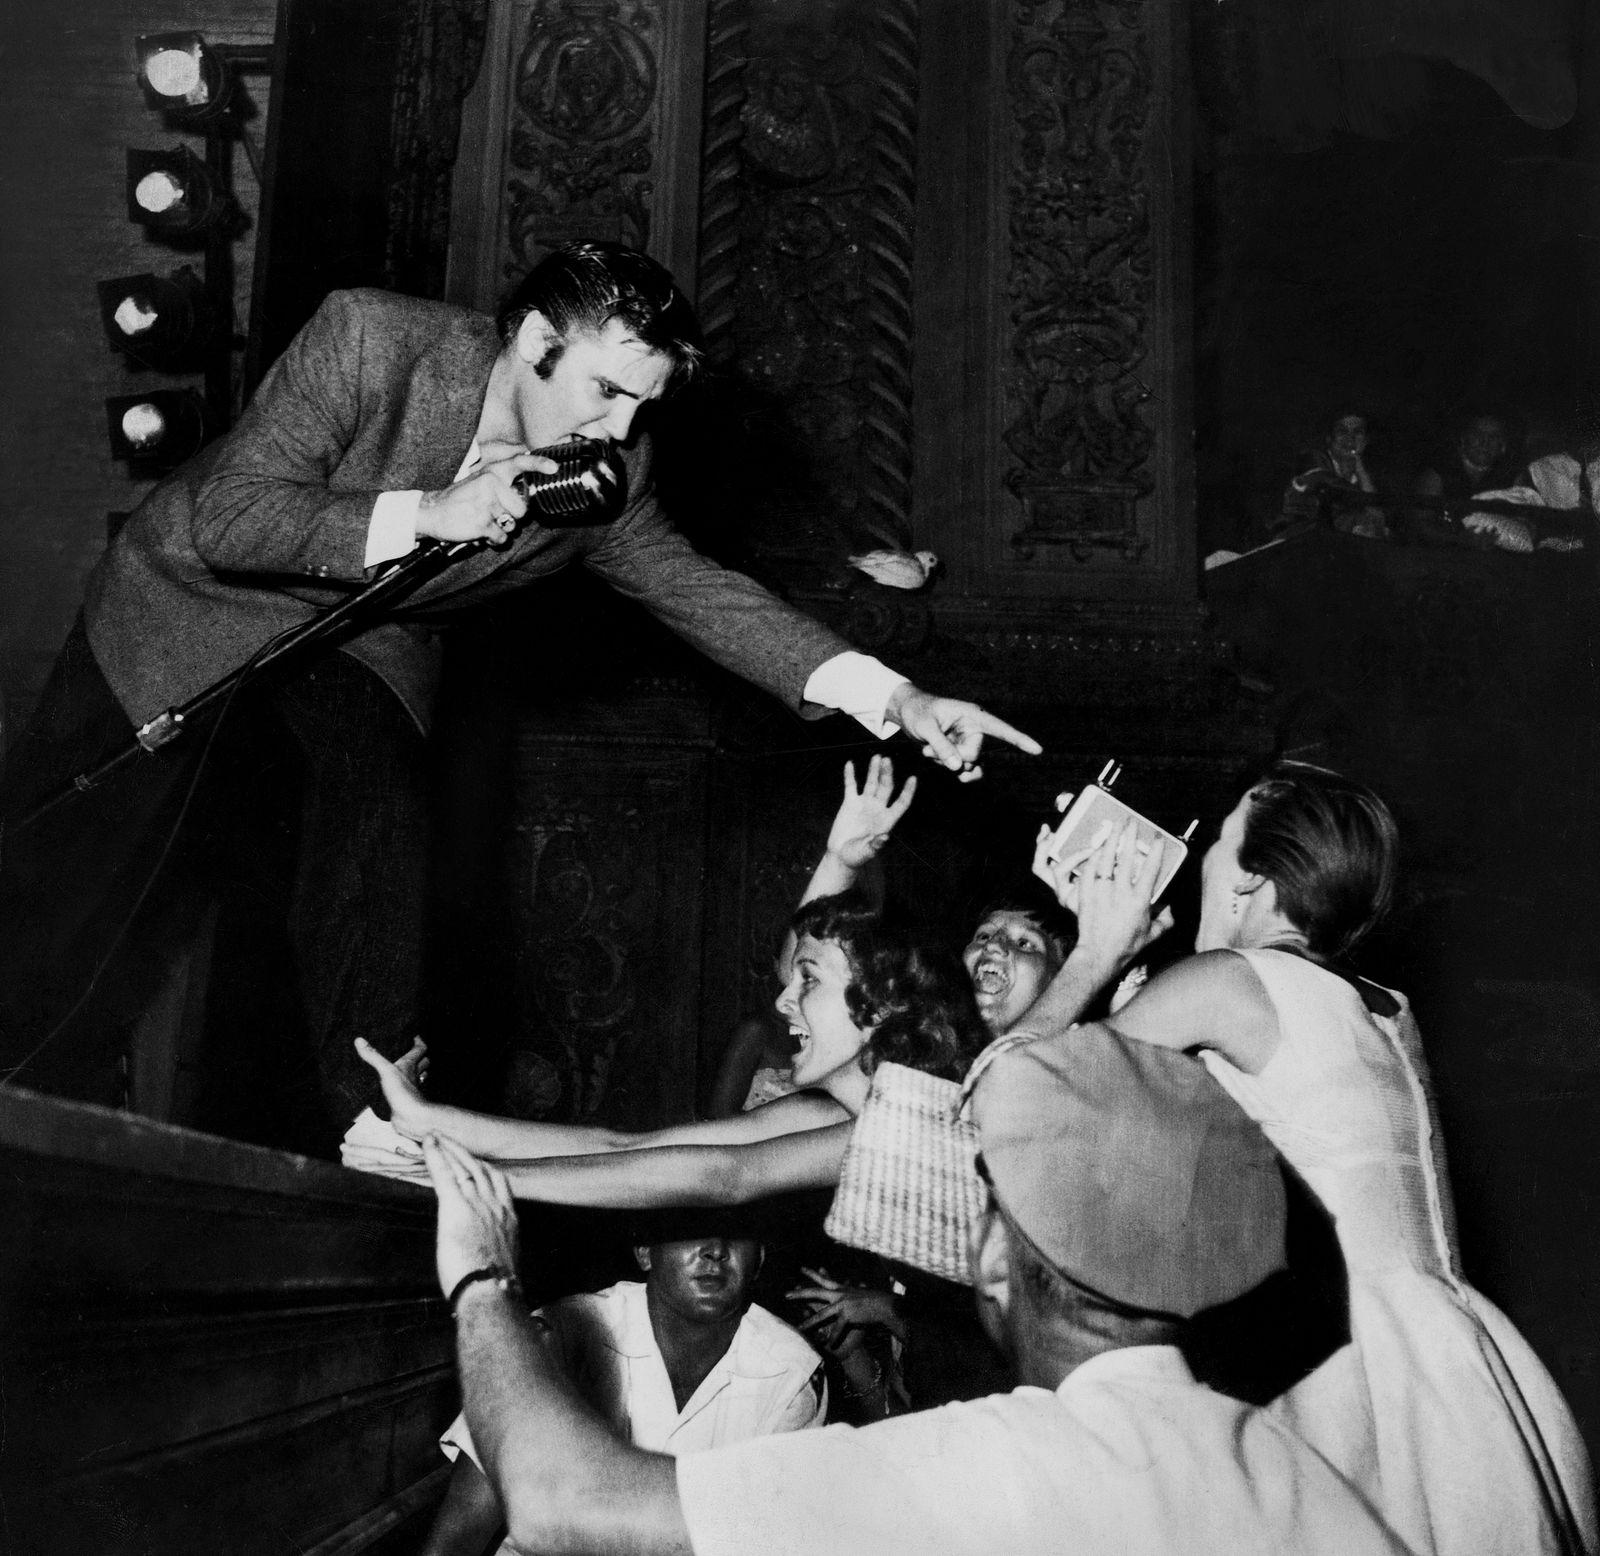 Singer Elvis Presley singing